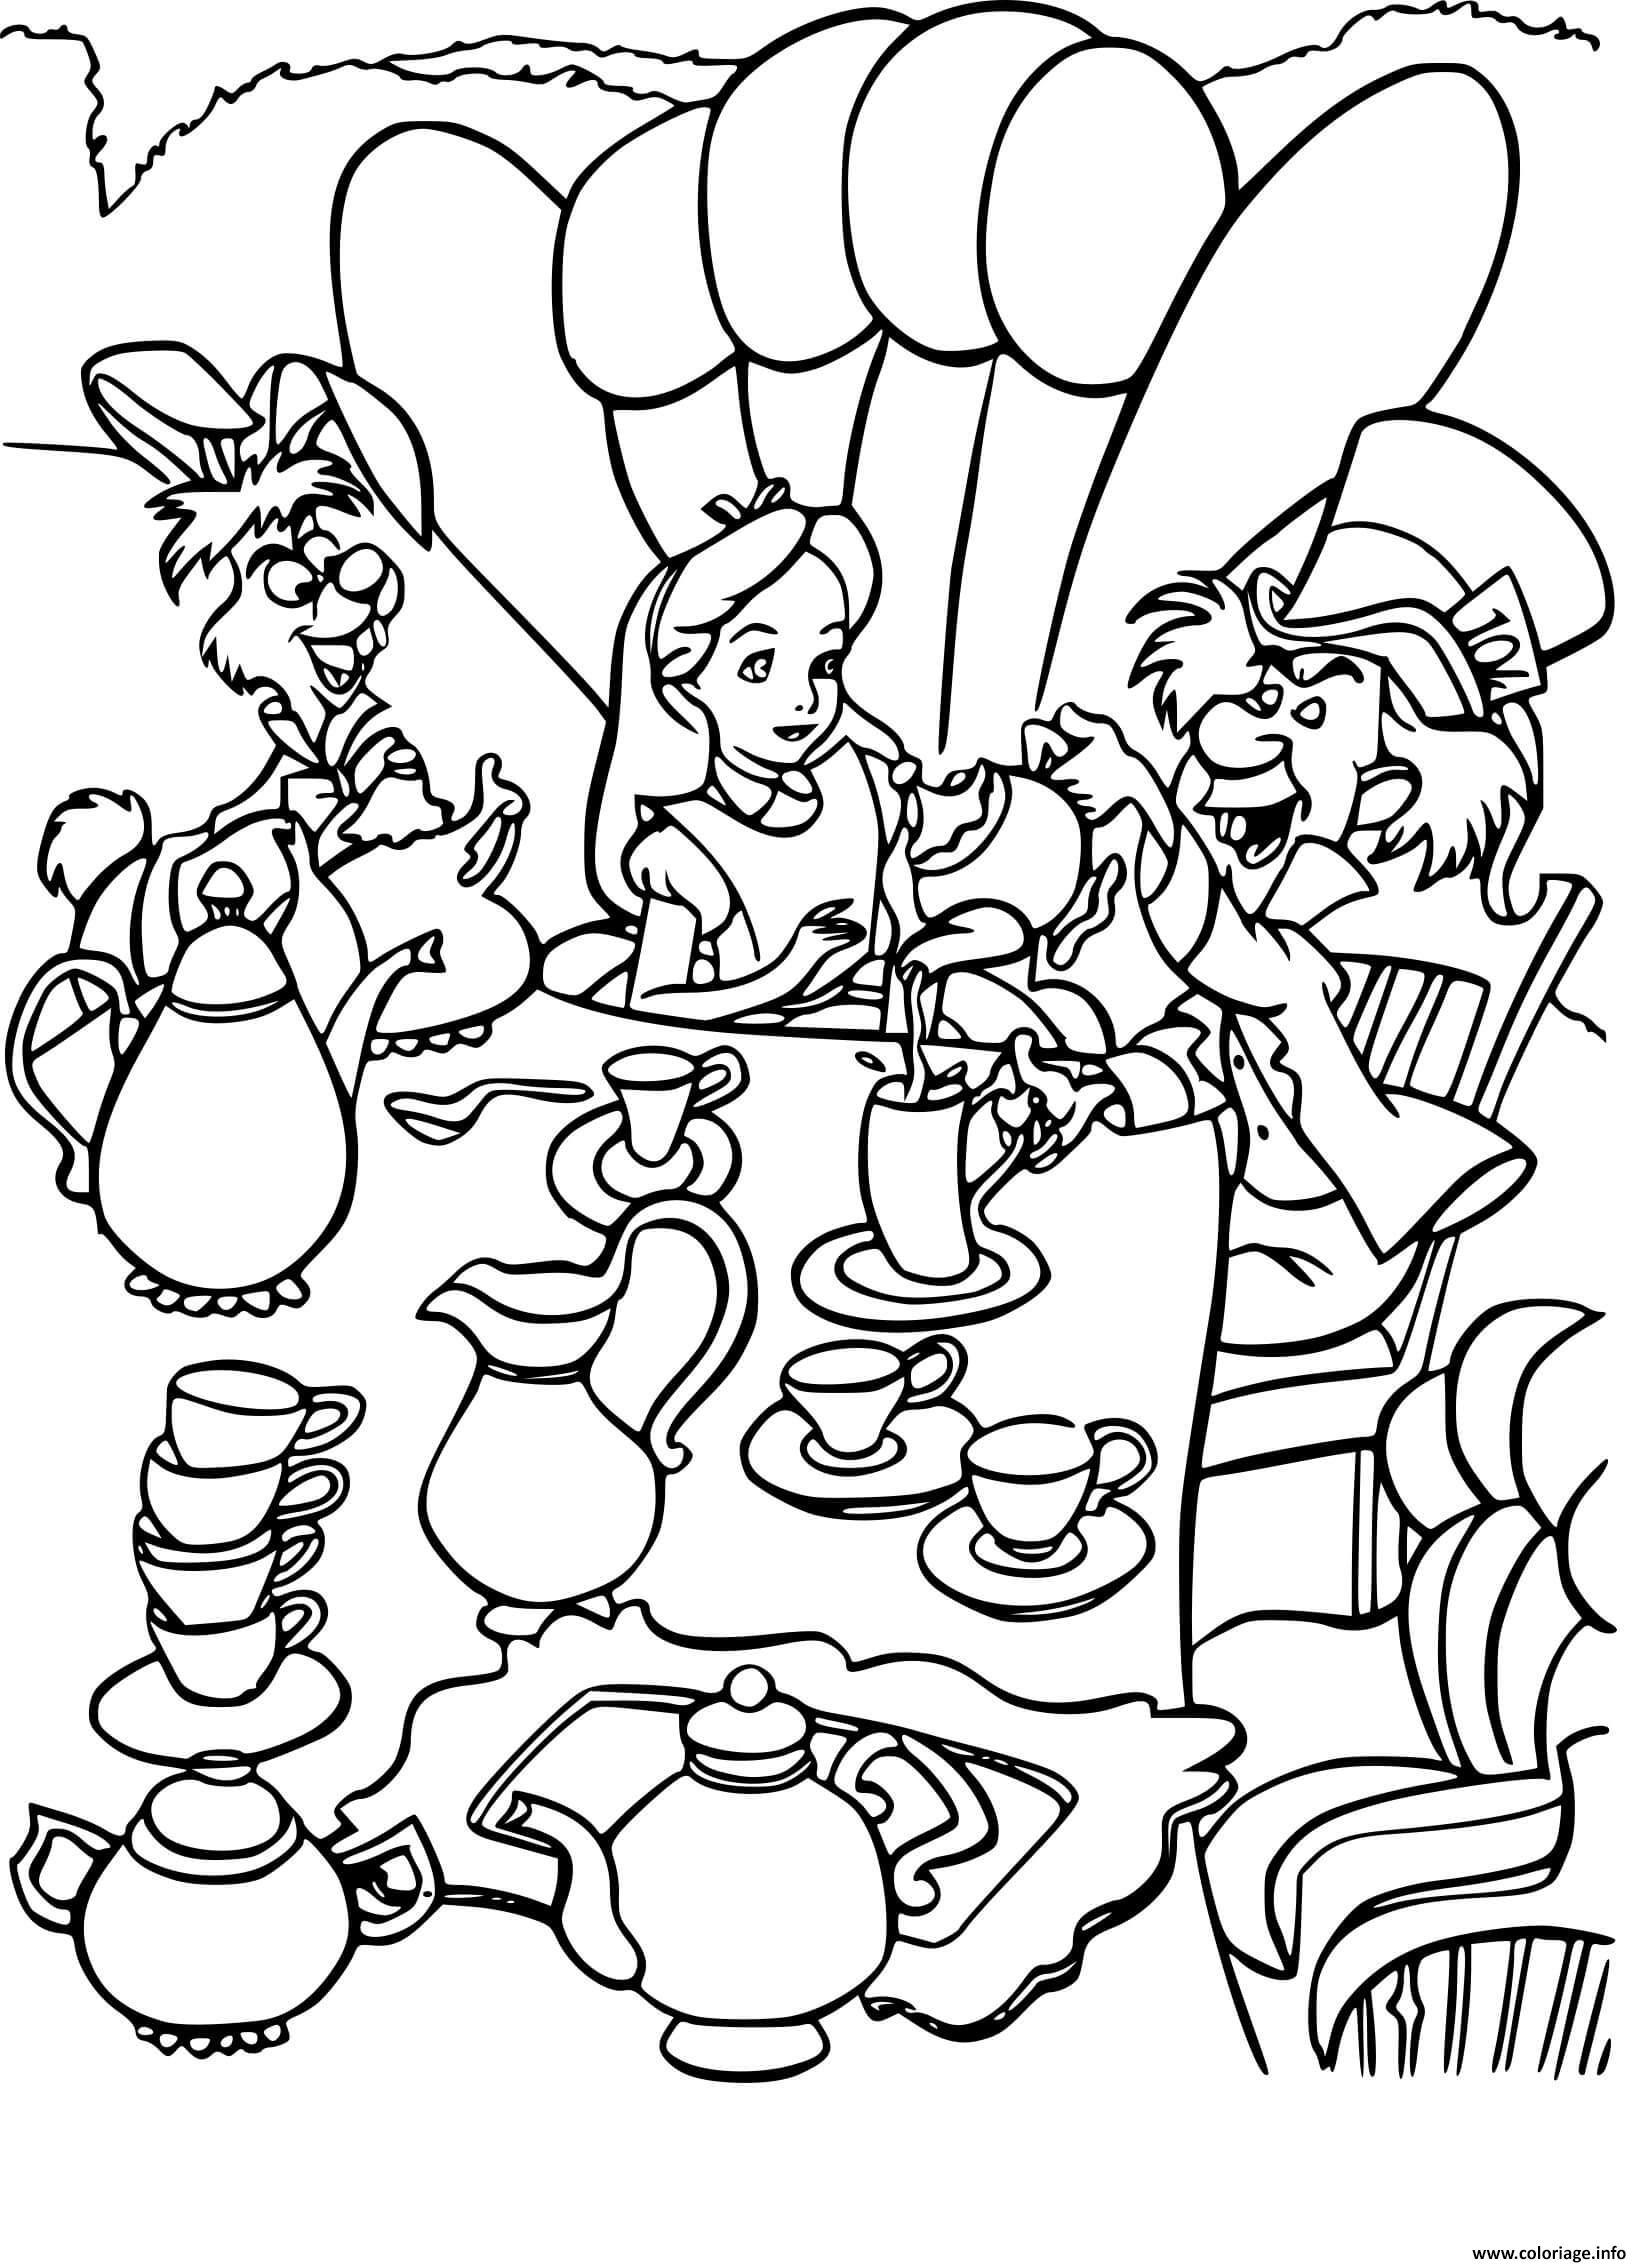 Dessin alice boit un chocolat chaud avec le chapelier fou Coloriage Gratuit à Imprimer